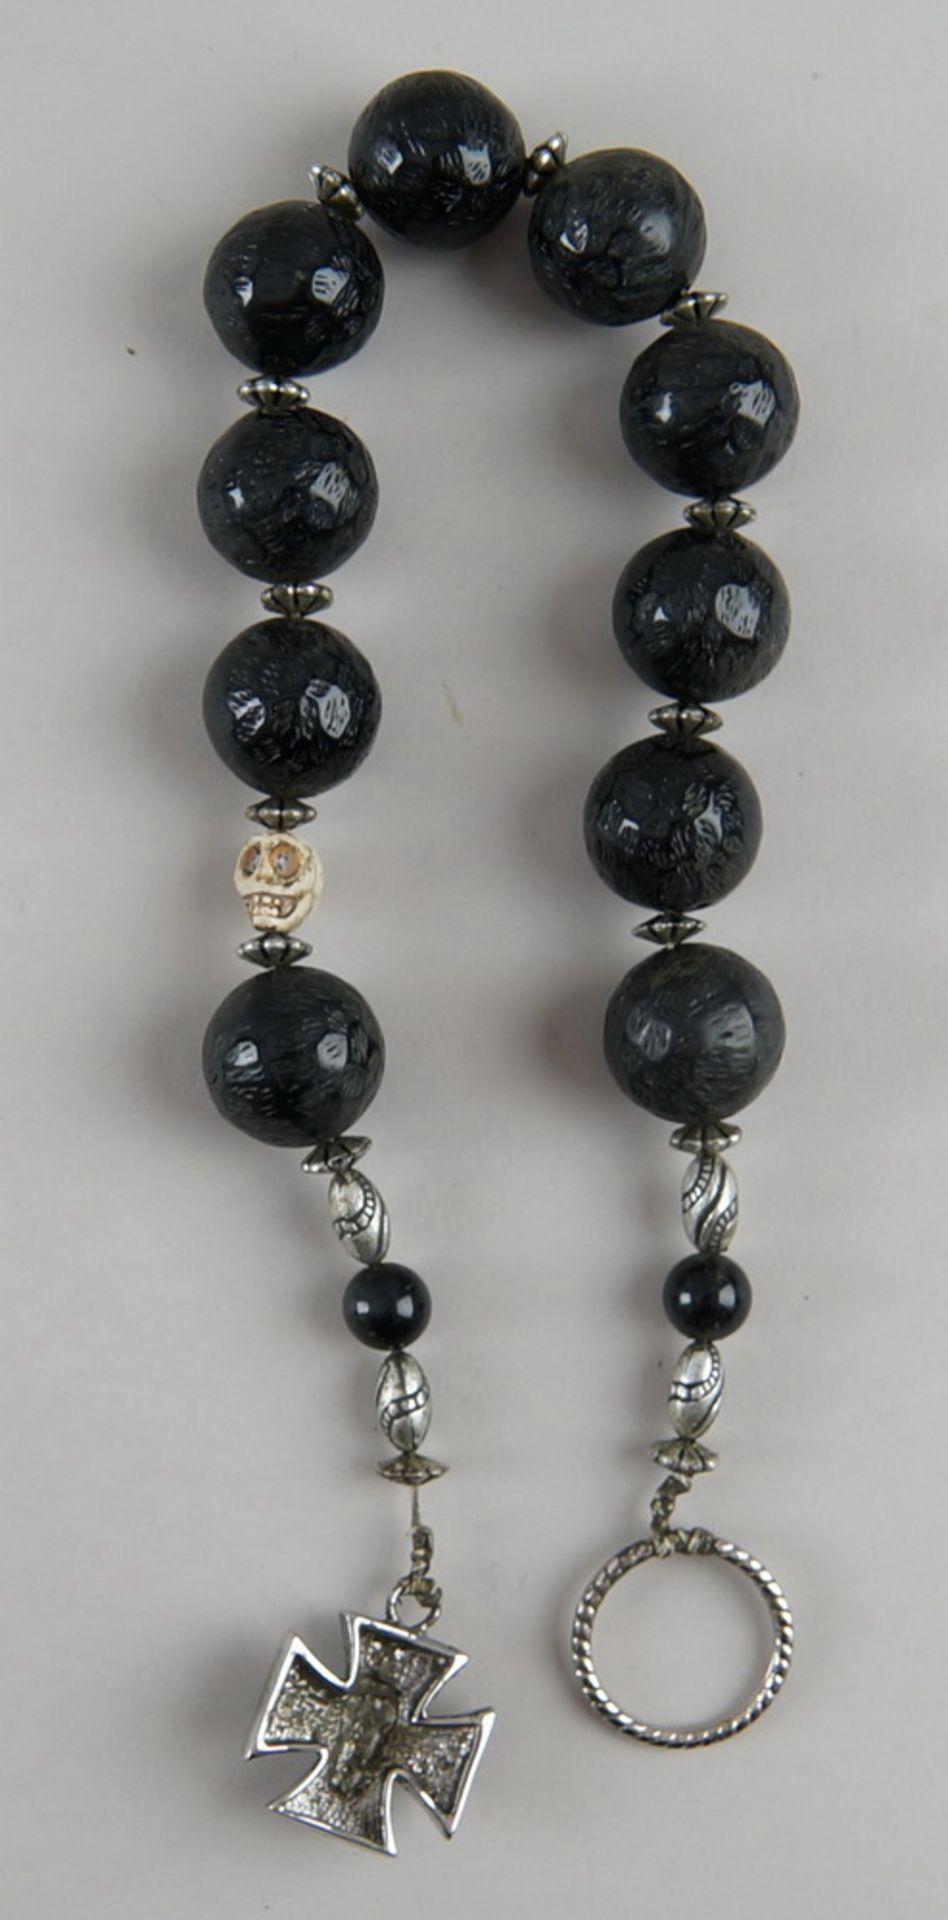 Faulenzer / Zehner Gebetskette mit Silberring und in Bein geschnitztem Totenkopf, kleinesKreuz mit - Bild 4 aus 4